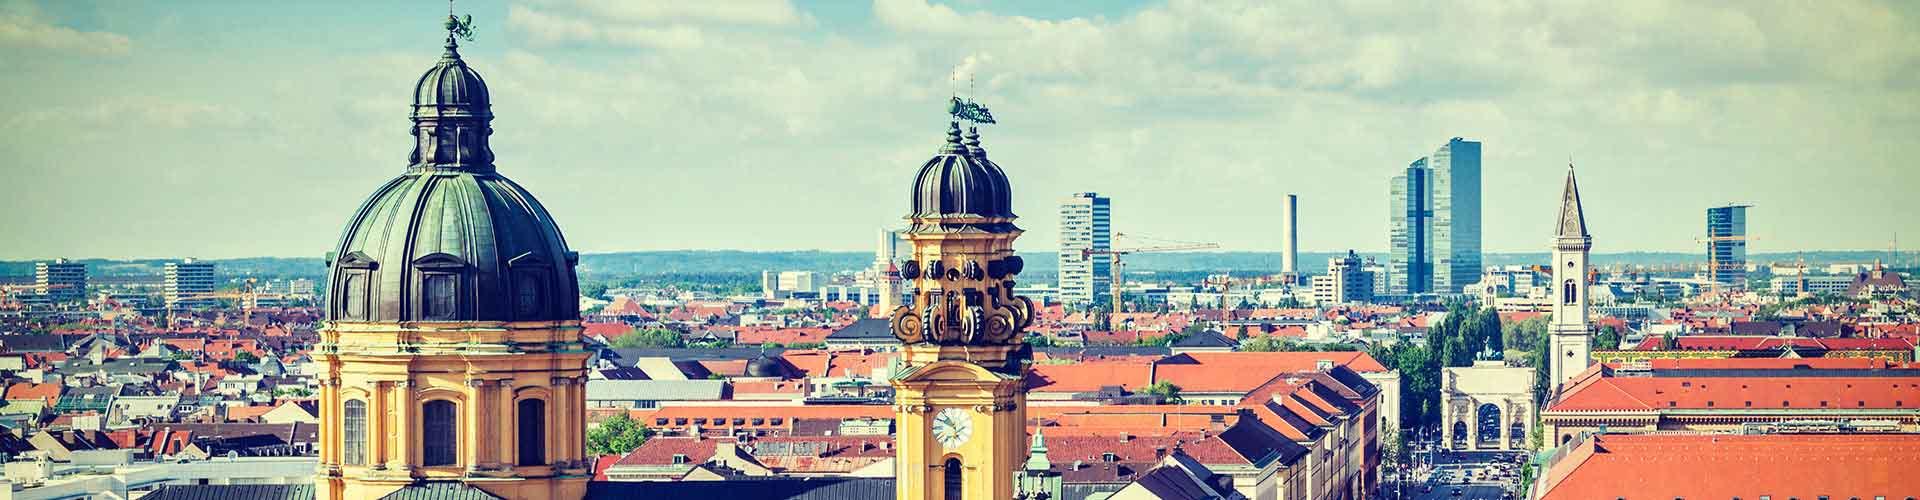 Munich - Hoteles baratos en el distrito Thalkirchen. Mapas de Munich, Fotos y comentarios de cada Hotel barato en Munich.